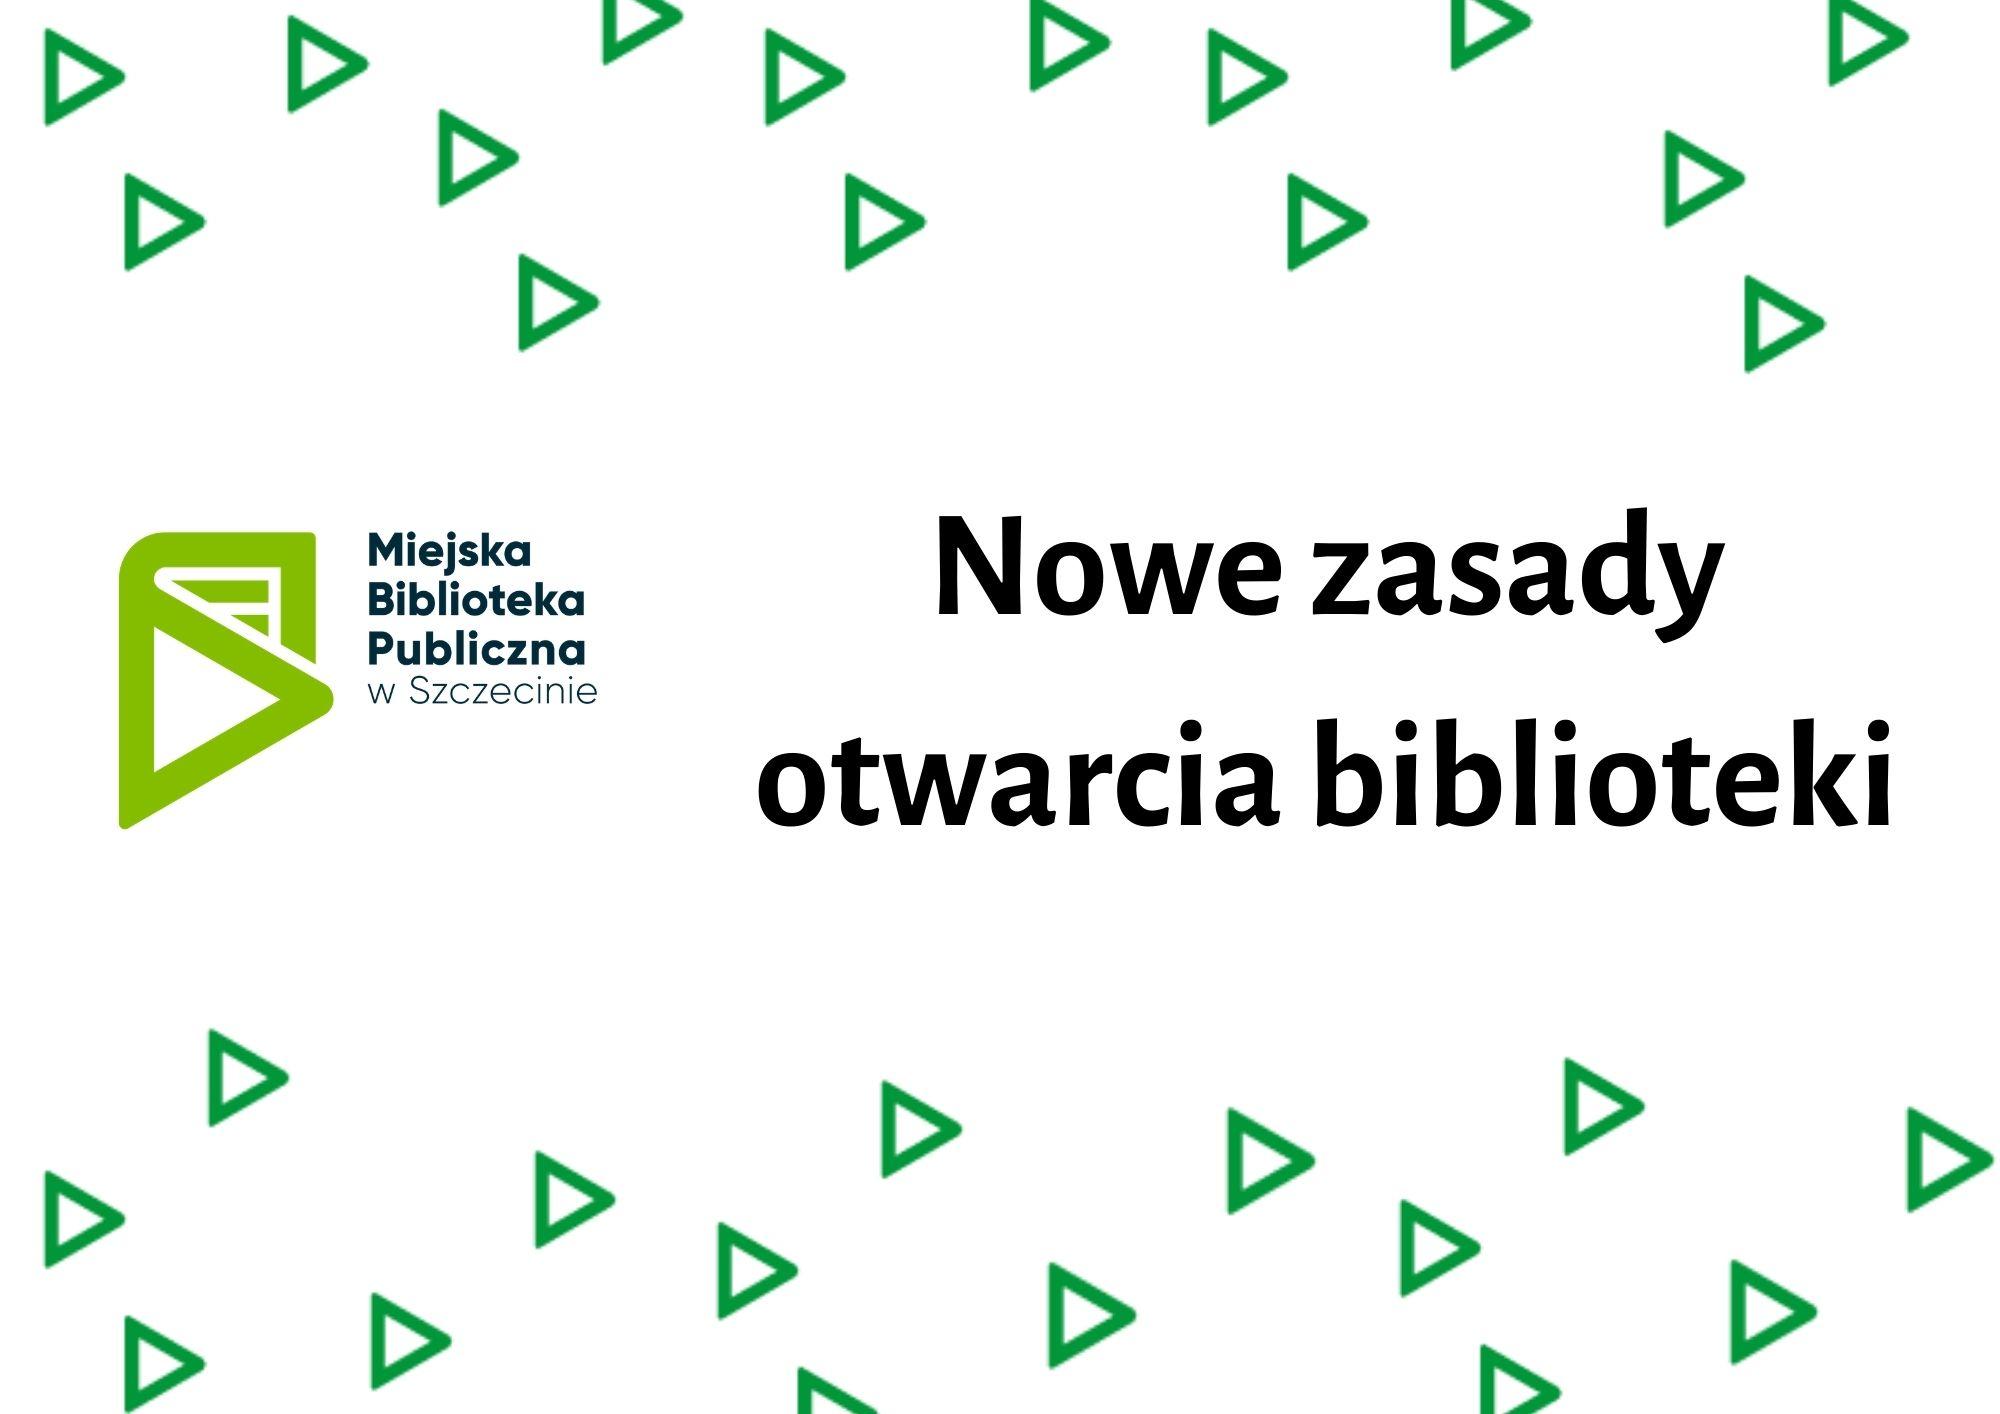 Ponowne otwarcie biblioteki od 1 grudnia